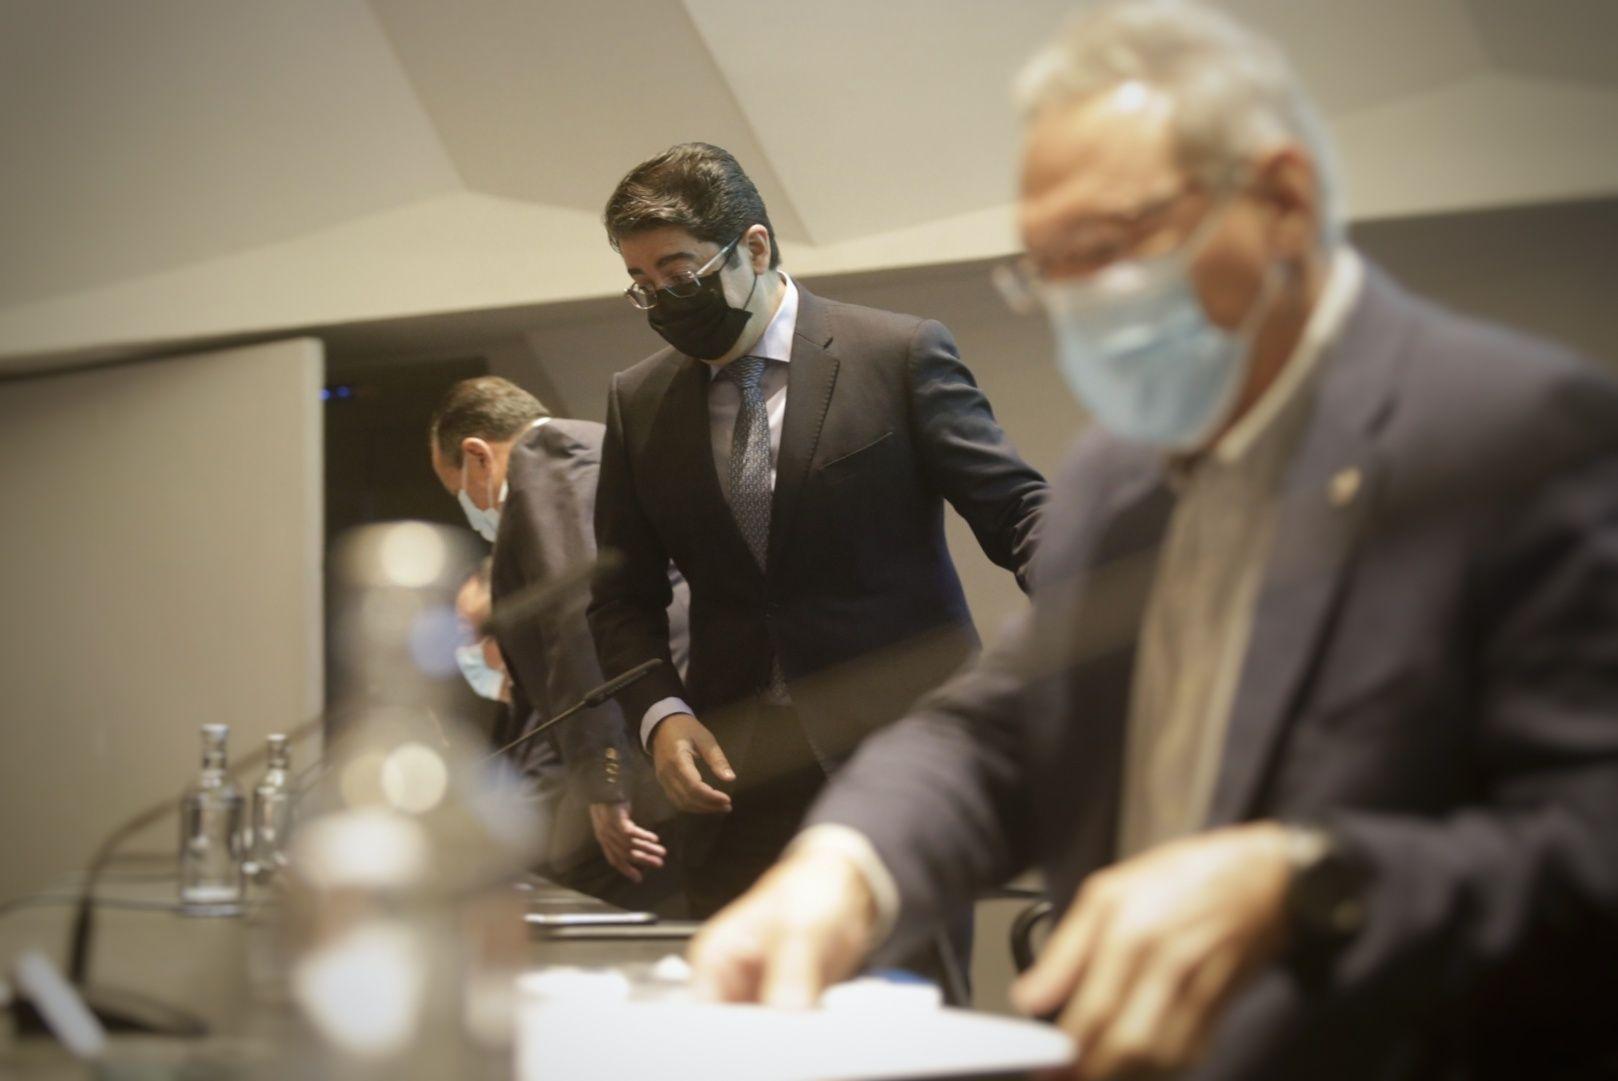 Blas Trujillo y Pedro Martín se reúnen con los alcaldes de la isla para analizar la situación de la Covid-19 en Tenerife